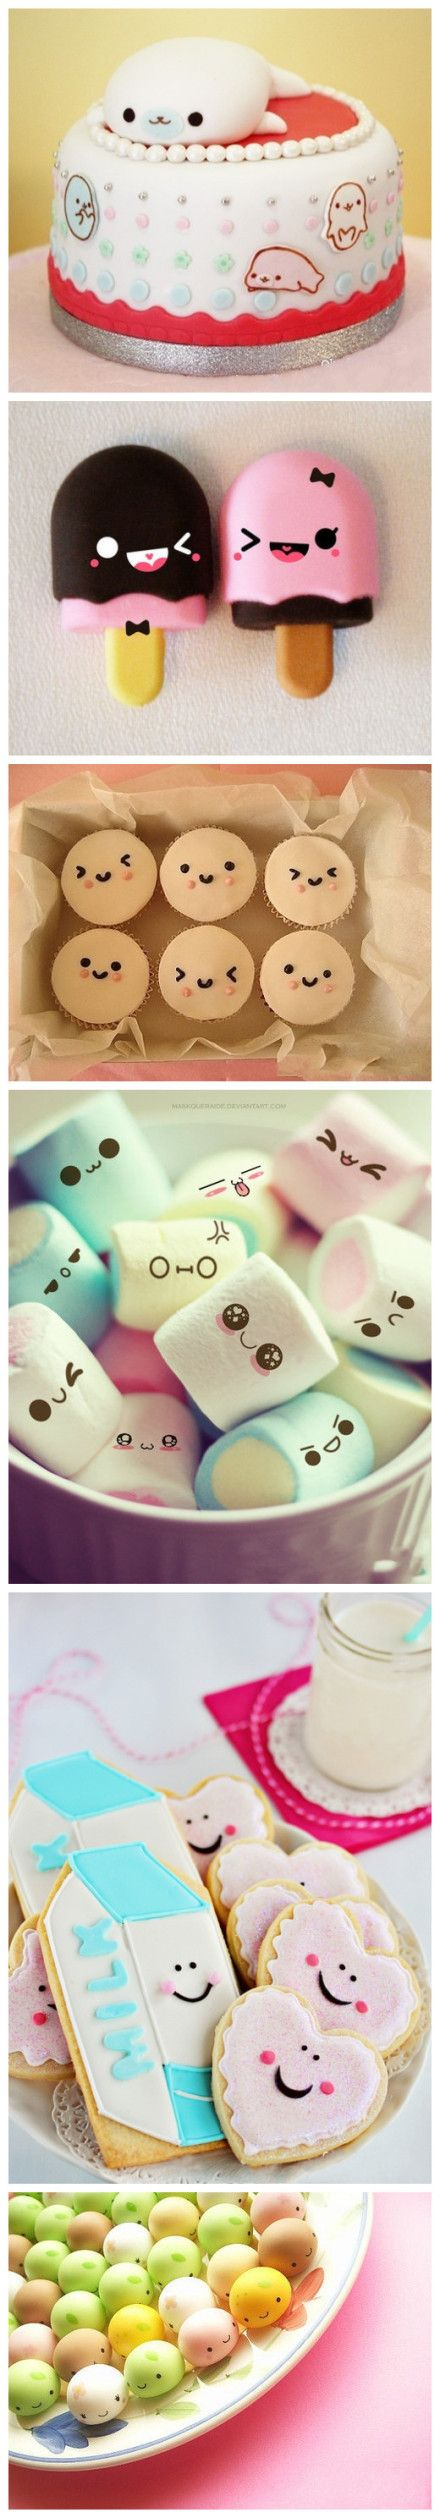 Me Encanta La Comida Kawai 3 Kawaii Kawaii Food Cute Cakes